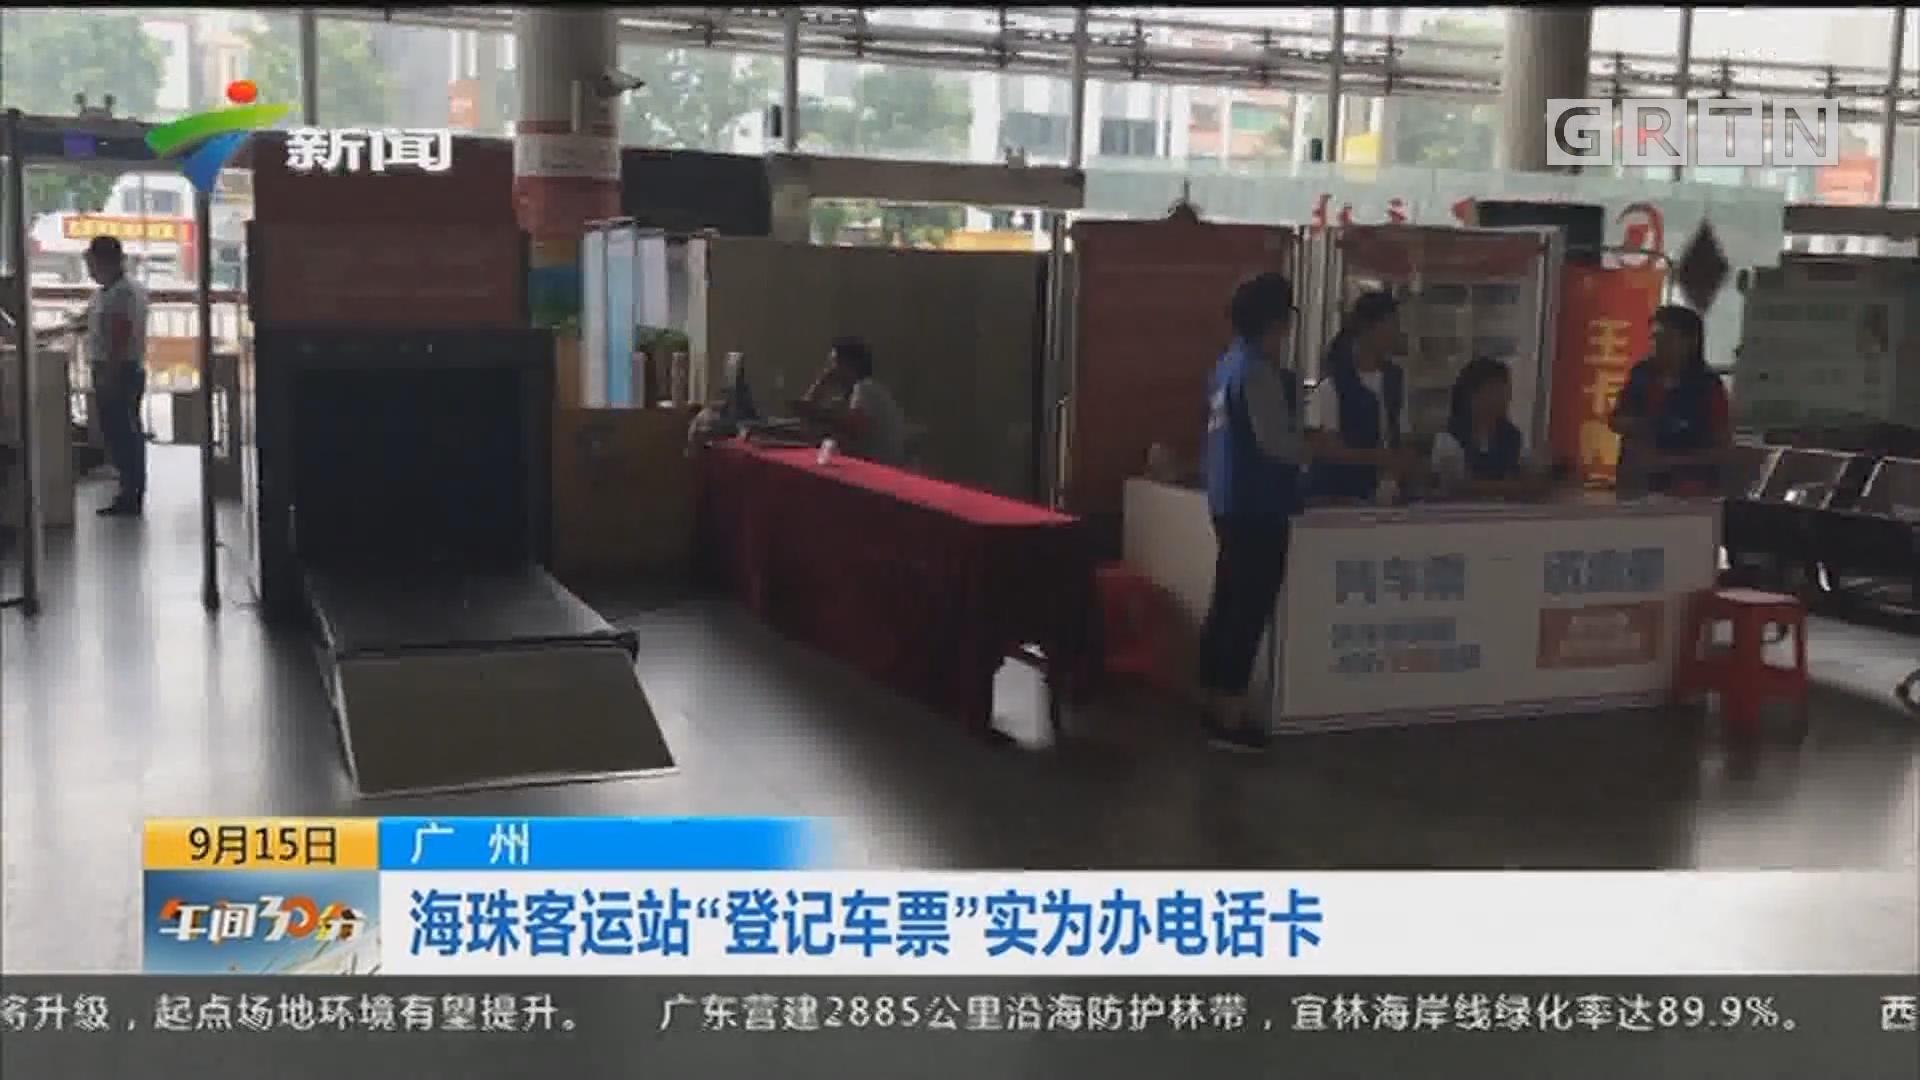 """广州:海珠客运站""""登记车票""""实为办电话卡"""